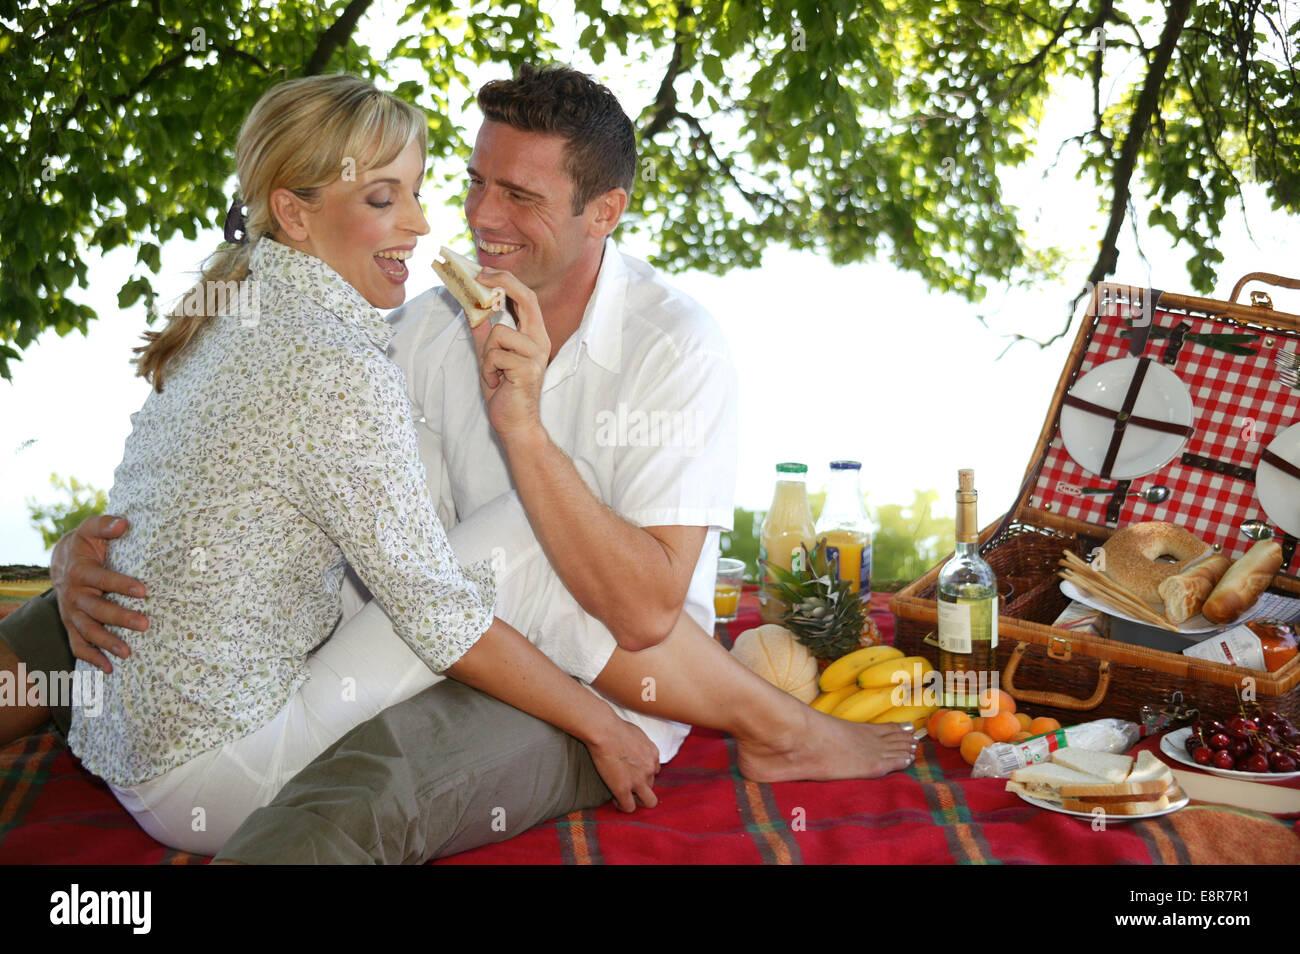 verliebtes paar bei einem picknick am see modellfreigabe stock photo 74269749 alamy. Black Bedroom Furniture Sets. Home Design Ideas